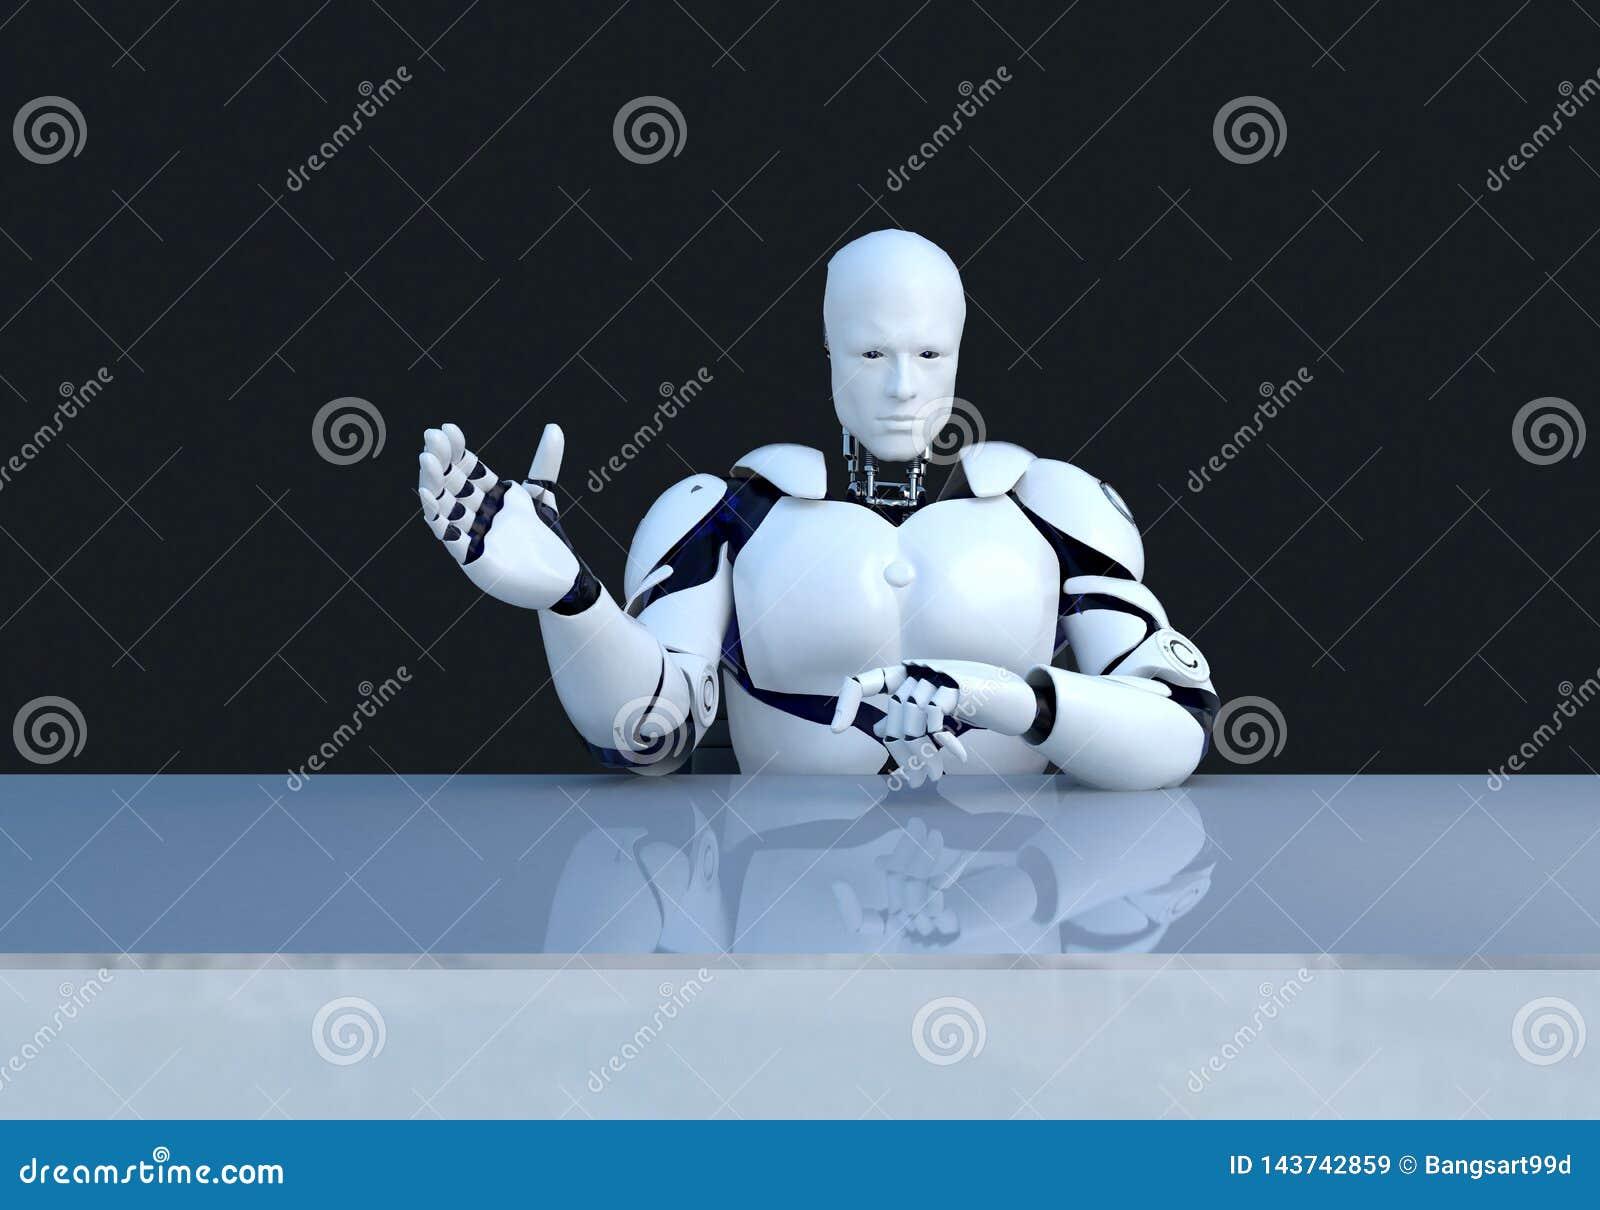 解释某事的白色机器人技术 技术在将来,在黑背景